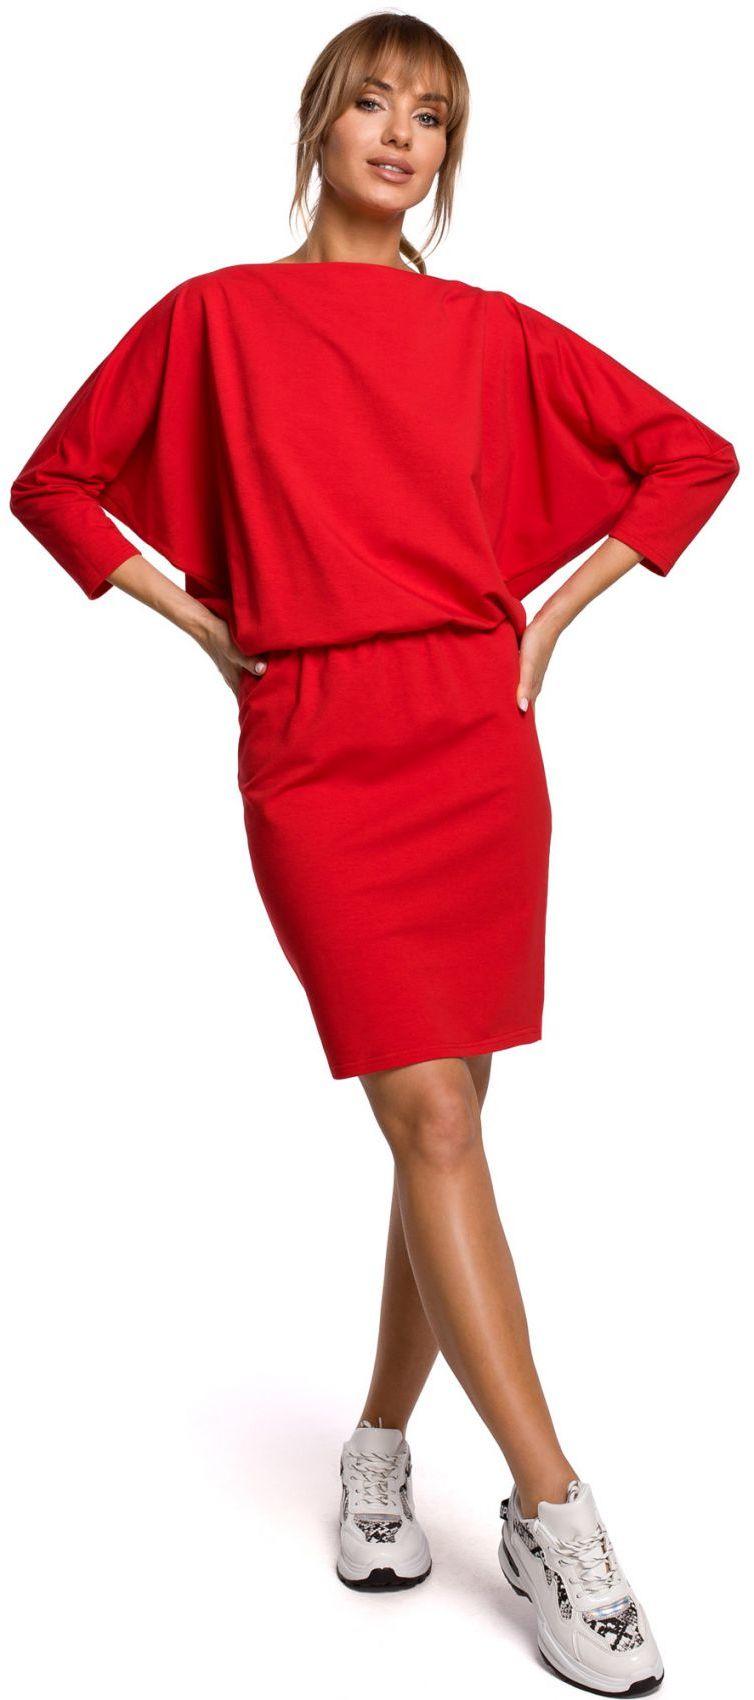 M495 Sukienka mini z lampasem do regulacji z tyłu - czerwona